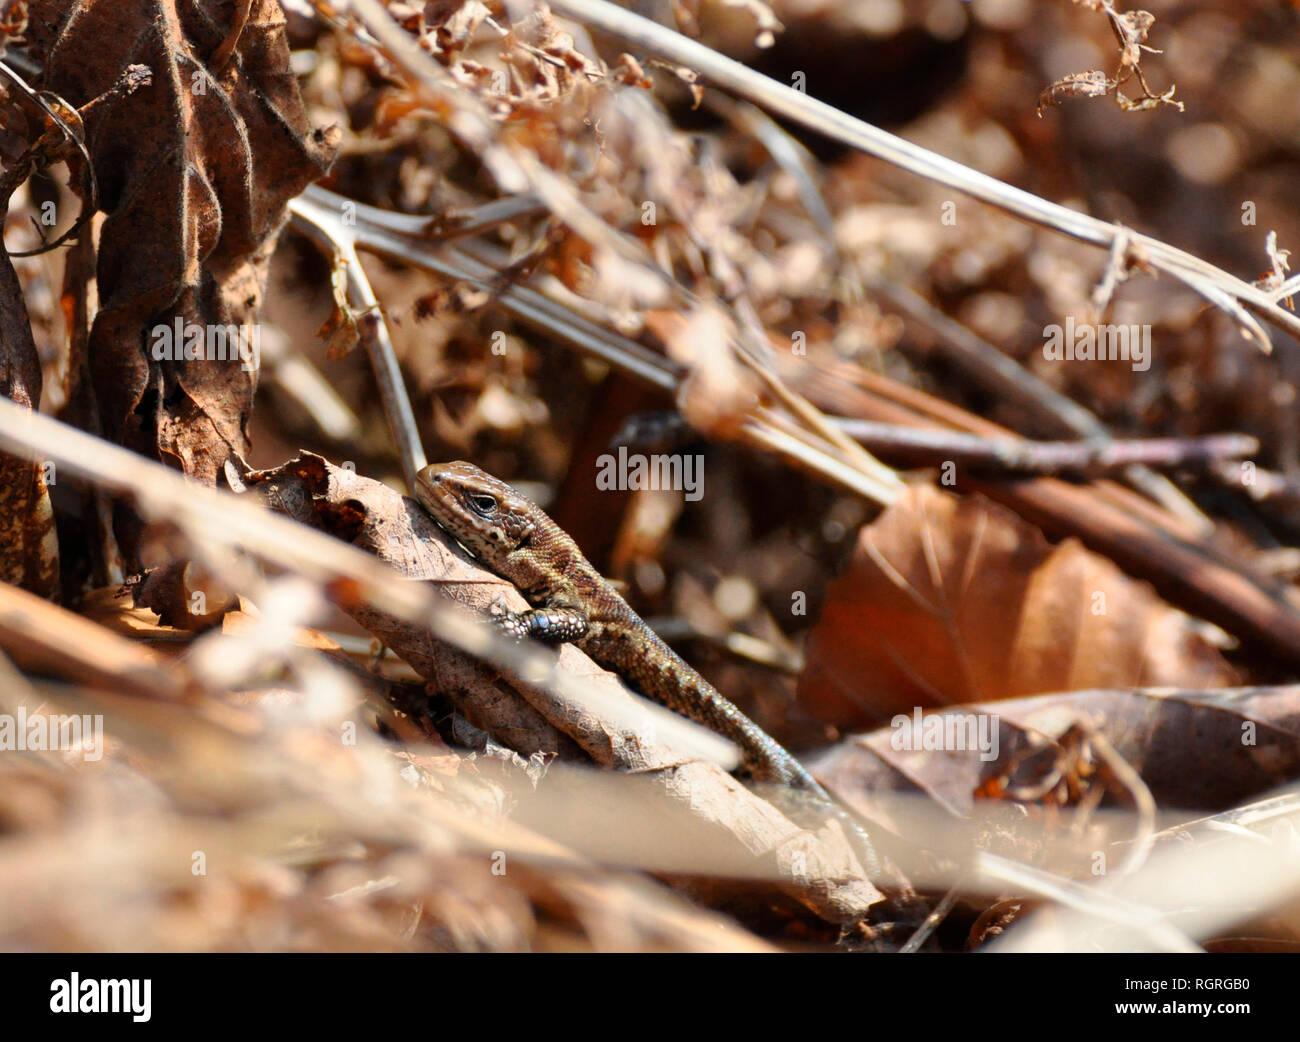 Gemeinsame Eidechse, Elfringhausen, Nordrhein-Westfalen, Deutschland, Europa, Lacerta vivipara Stockfoto